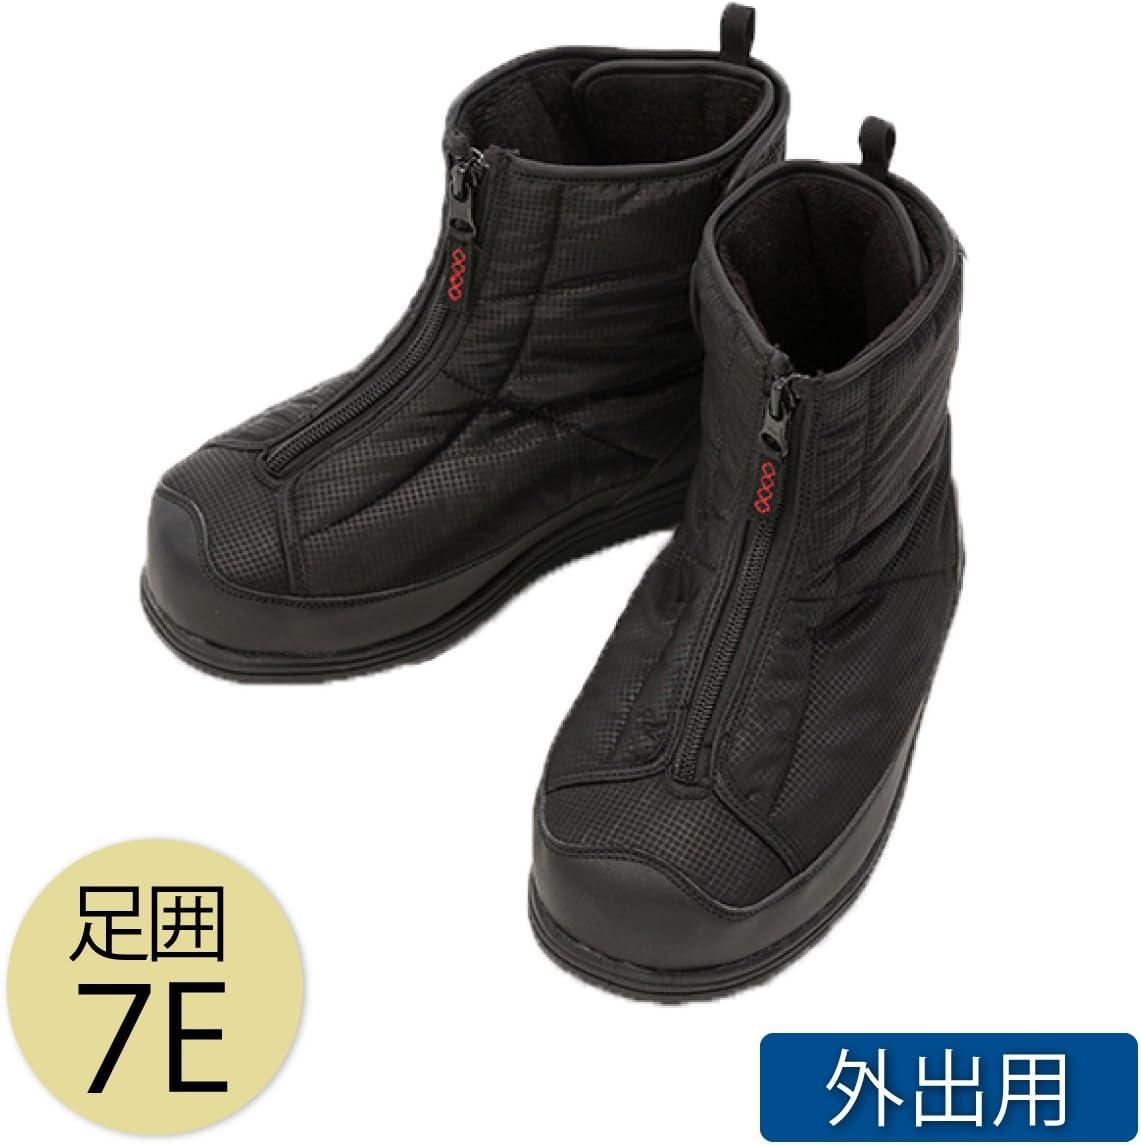 介護シューズ ブーツ 介護靴 外出用 あゆみ シニア 防寒ワイドブーツ 7E 黒 5020